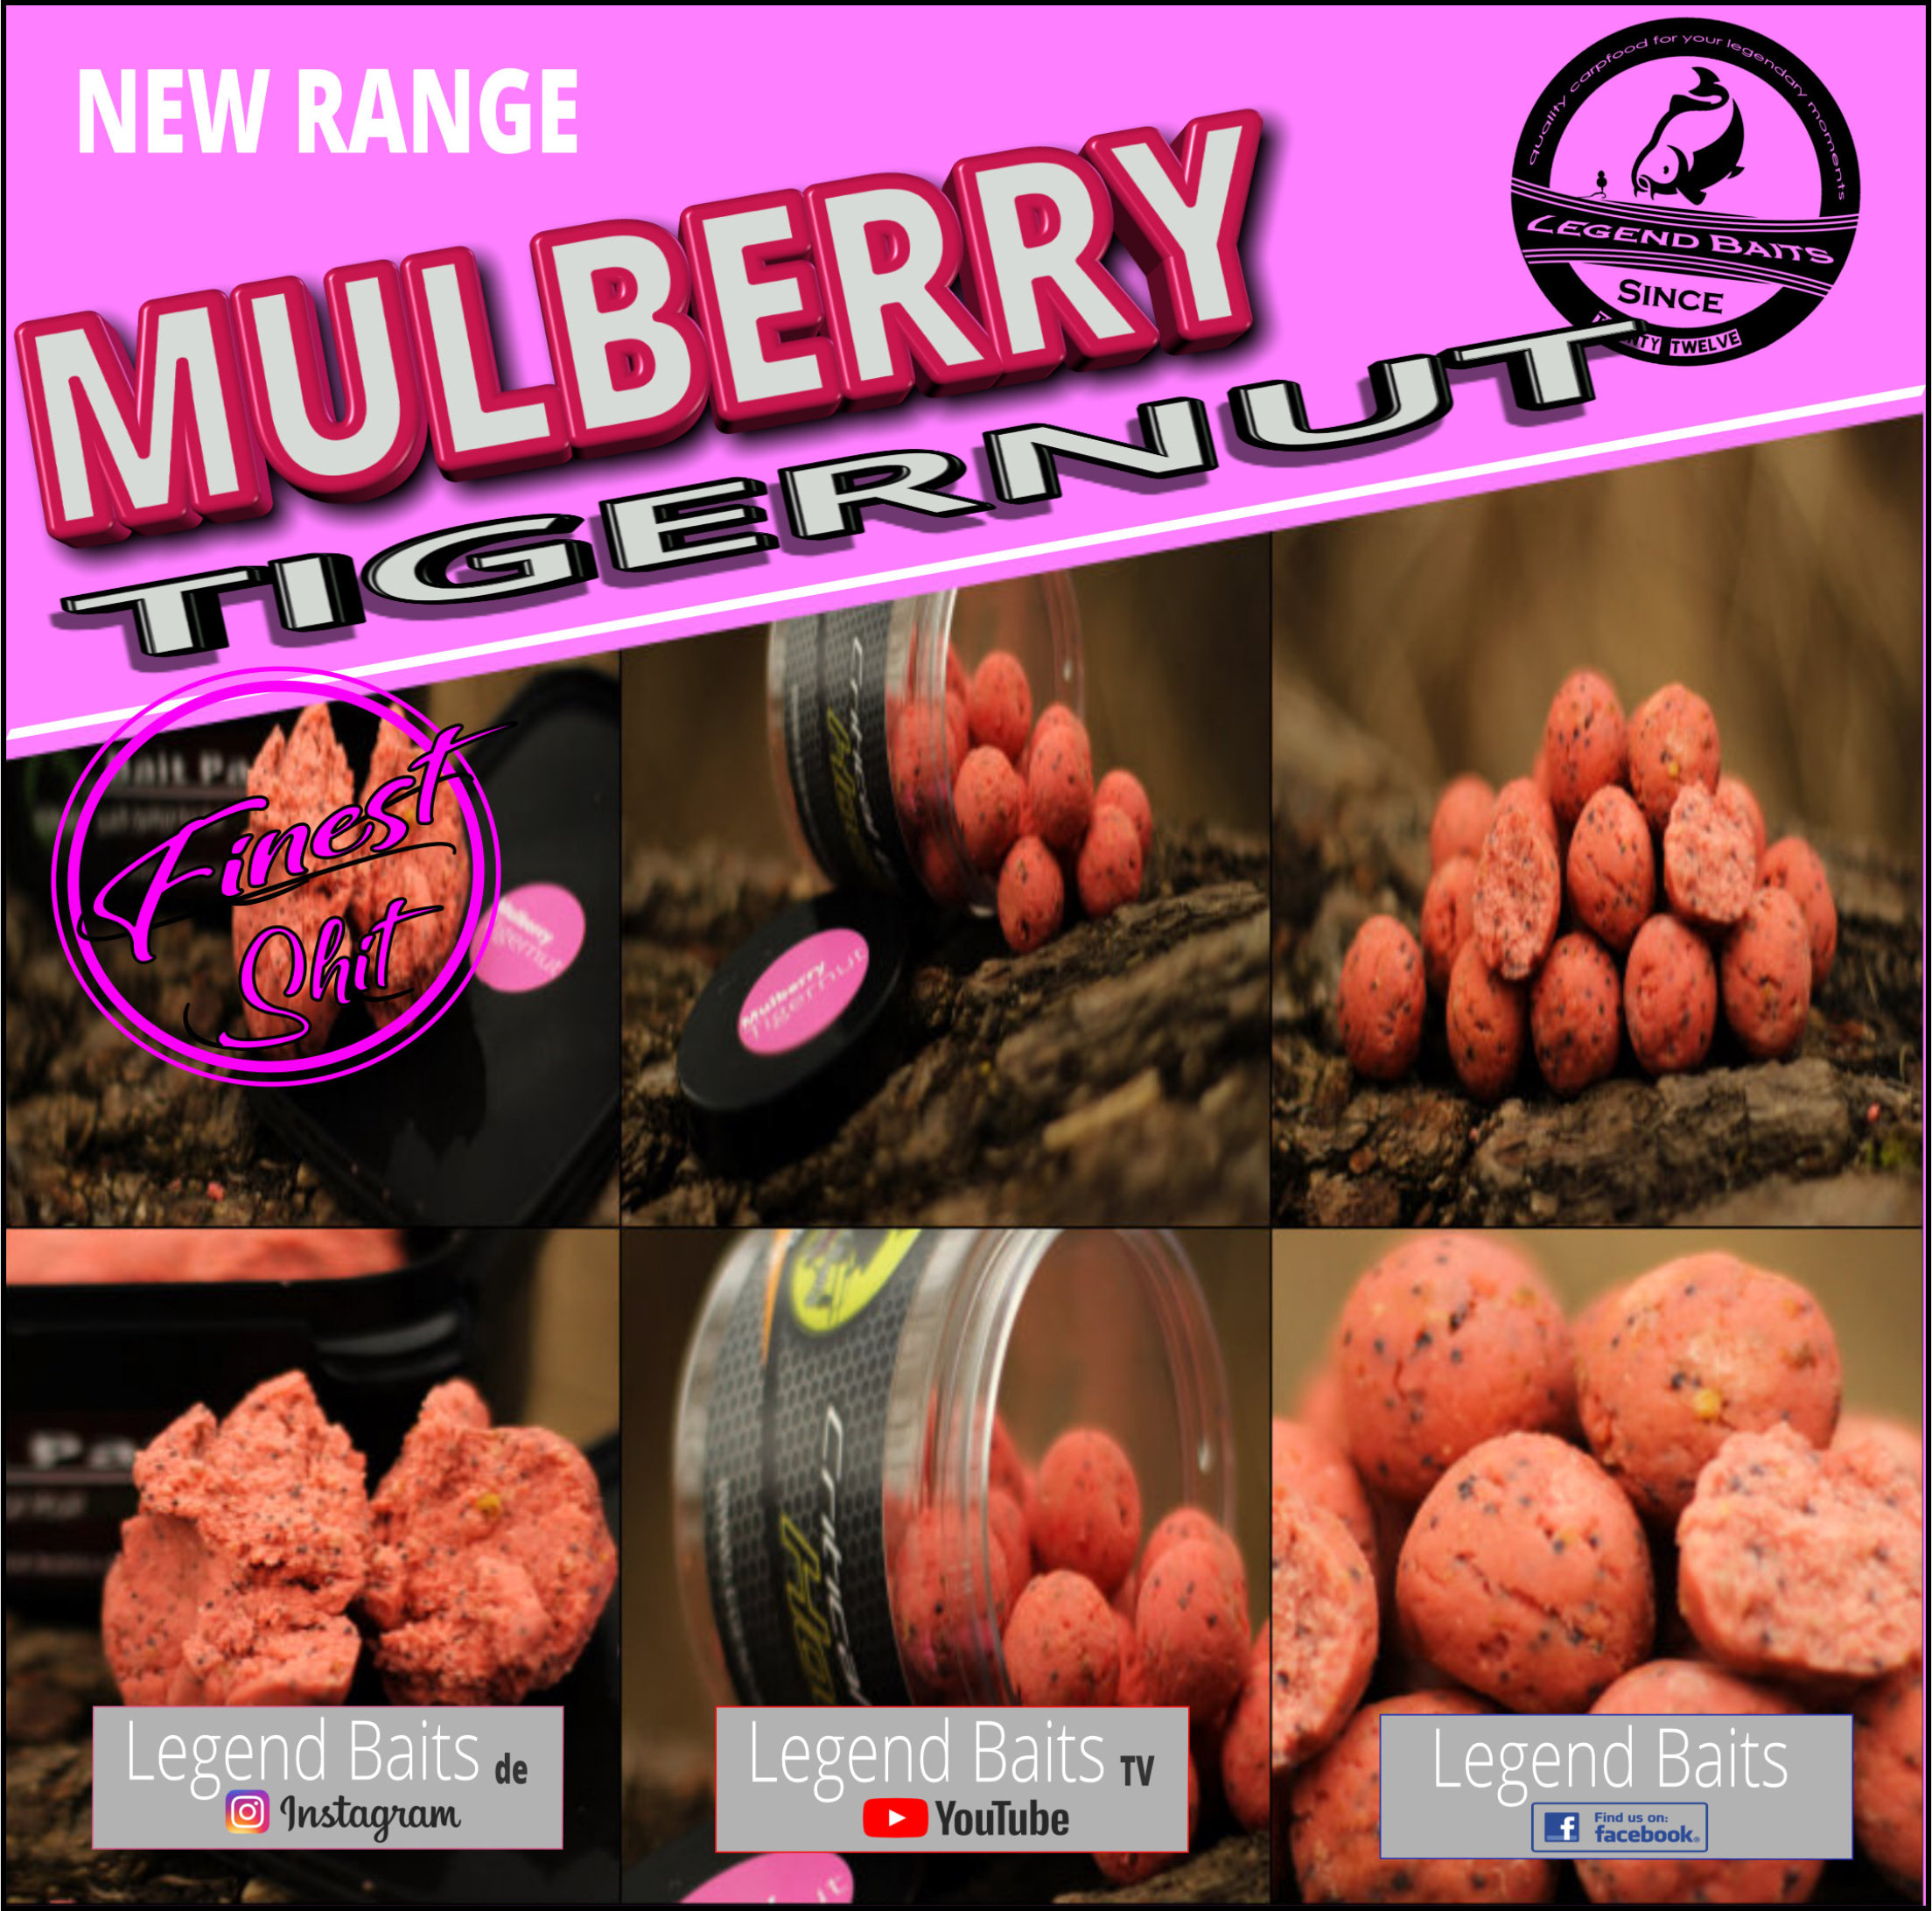 Anzeige Mulberry Tigernut - Ein Daytrip am Bach